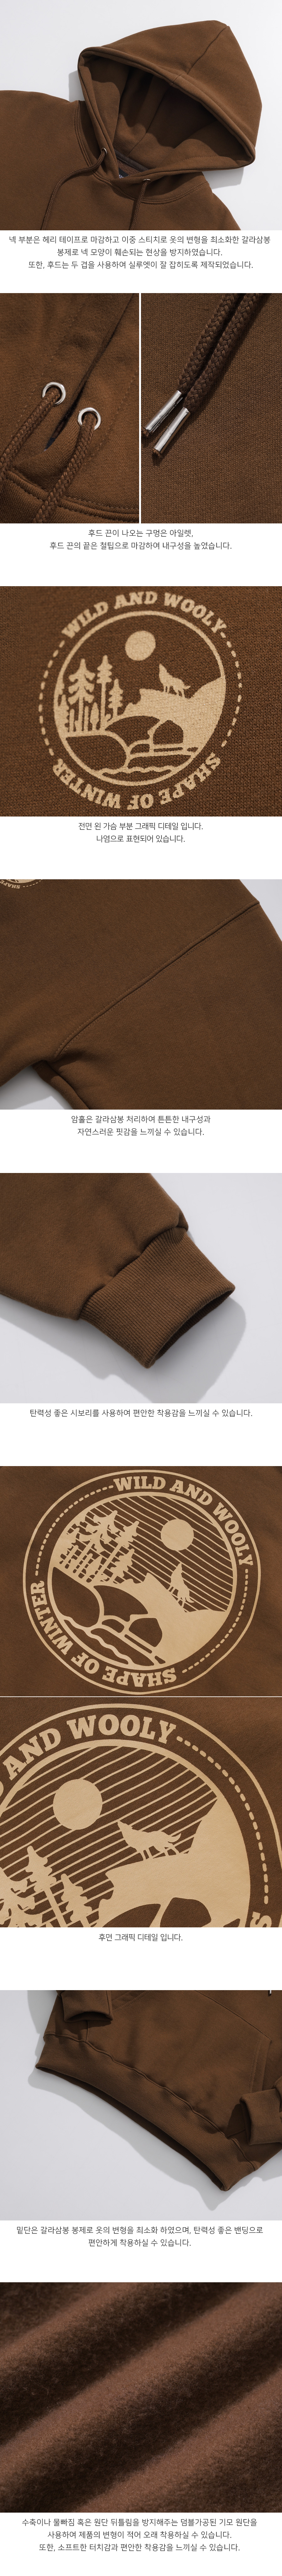 20200907_ub_roar_detail_brown_di_02.jpg